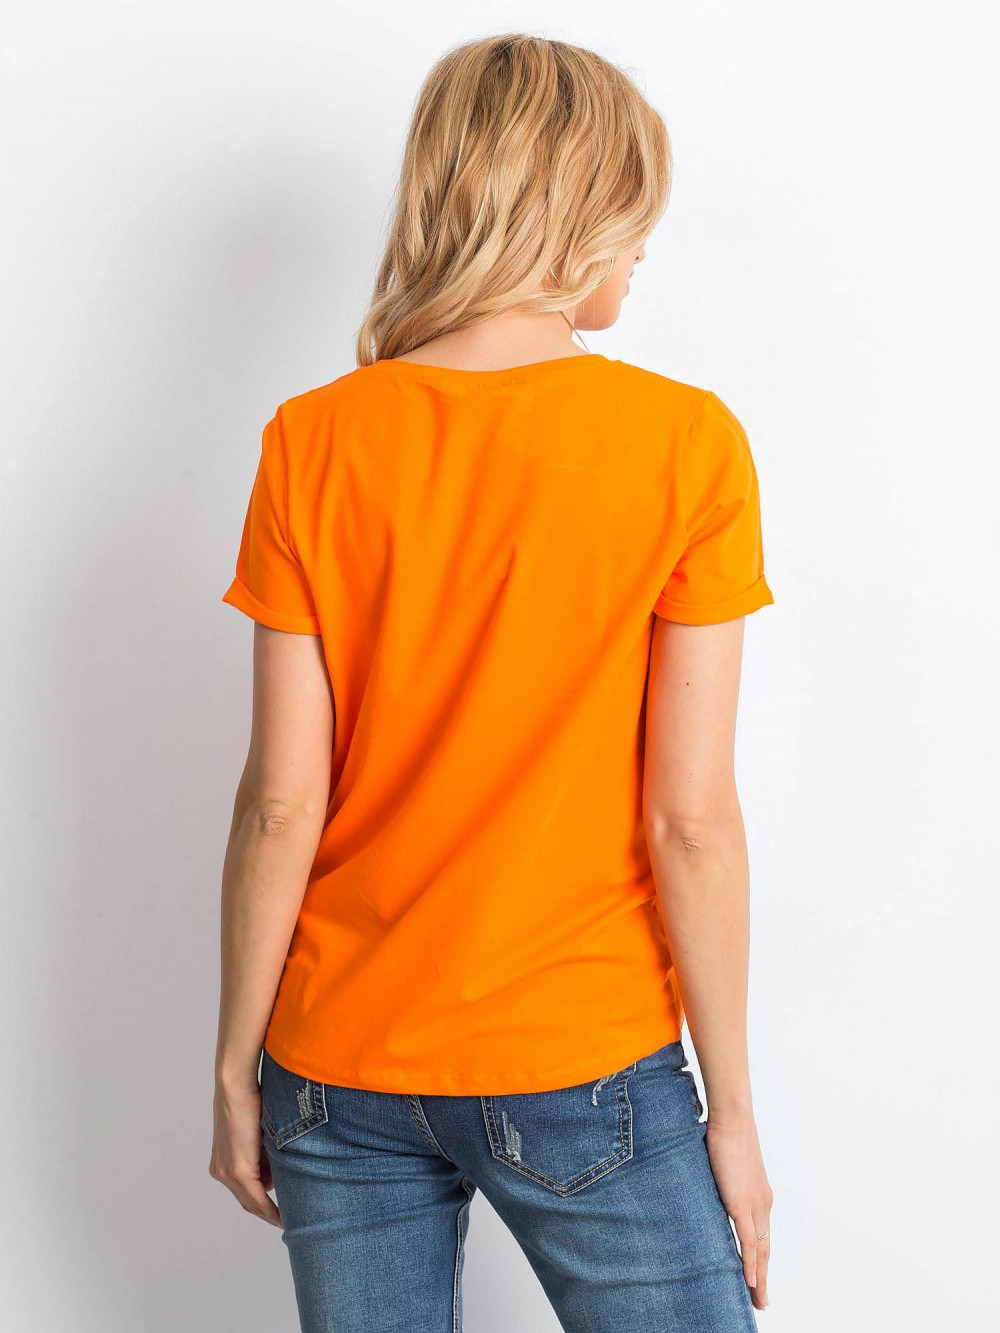 Neonowo pomarańczowy t-shirt O-Neck Kasom 4